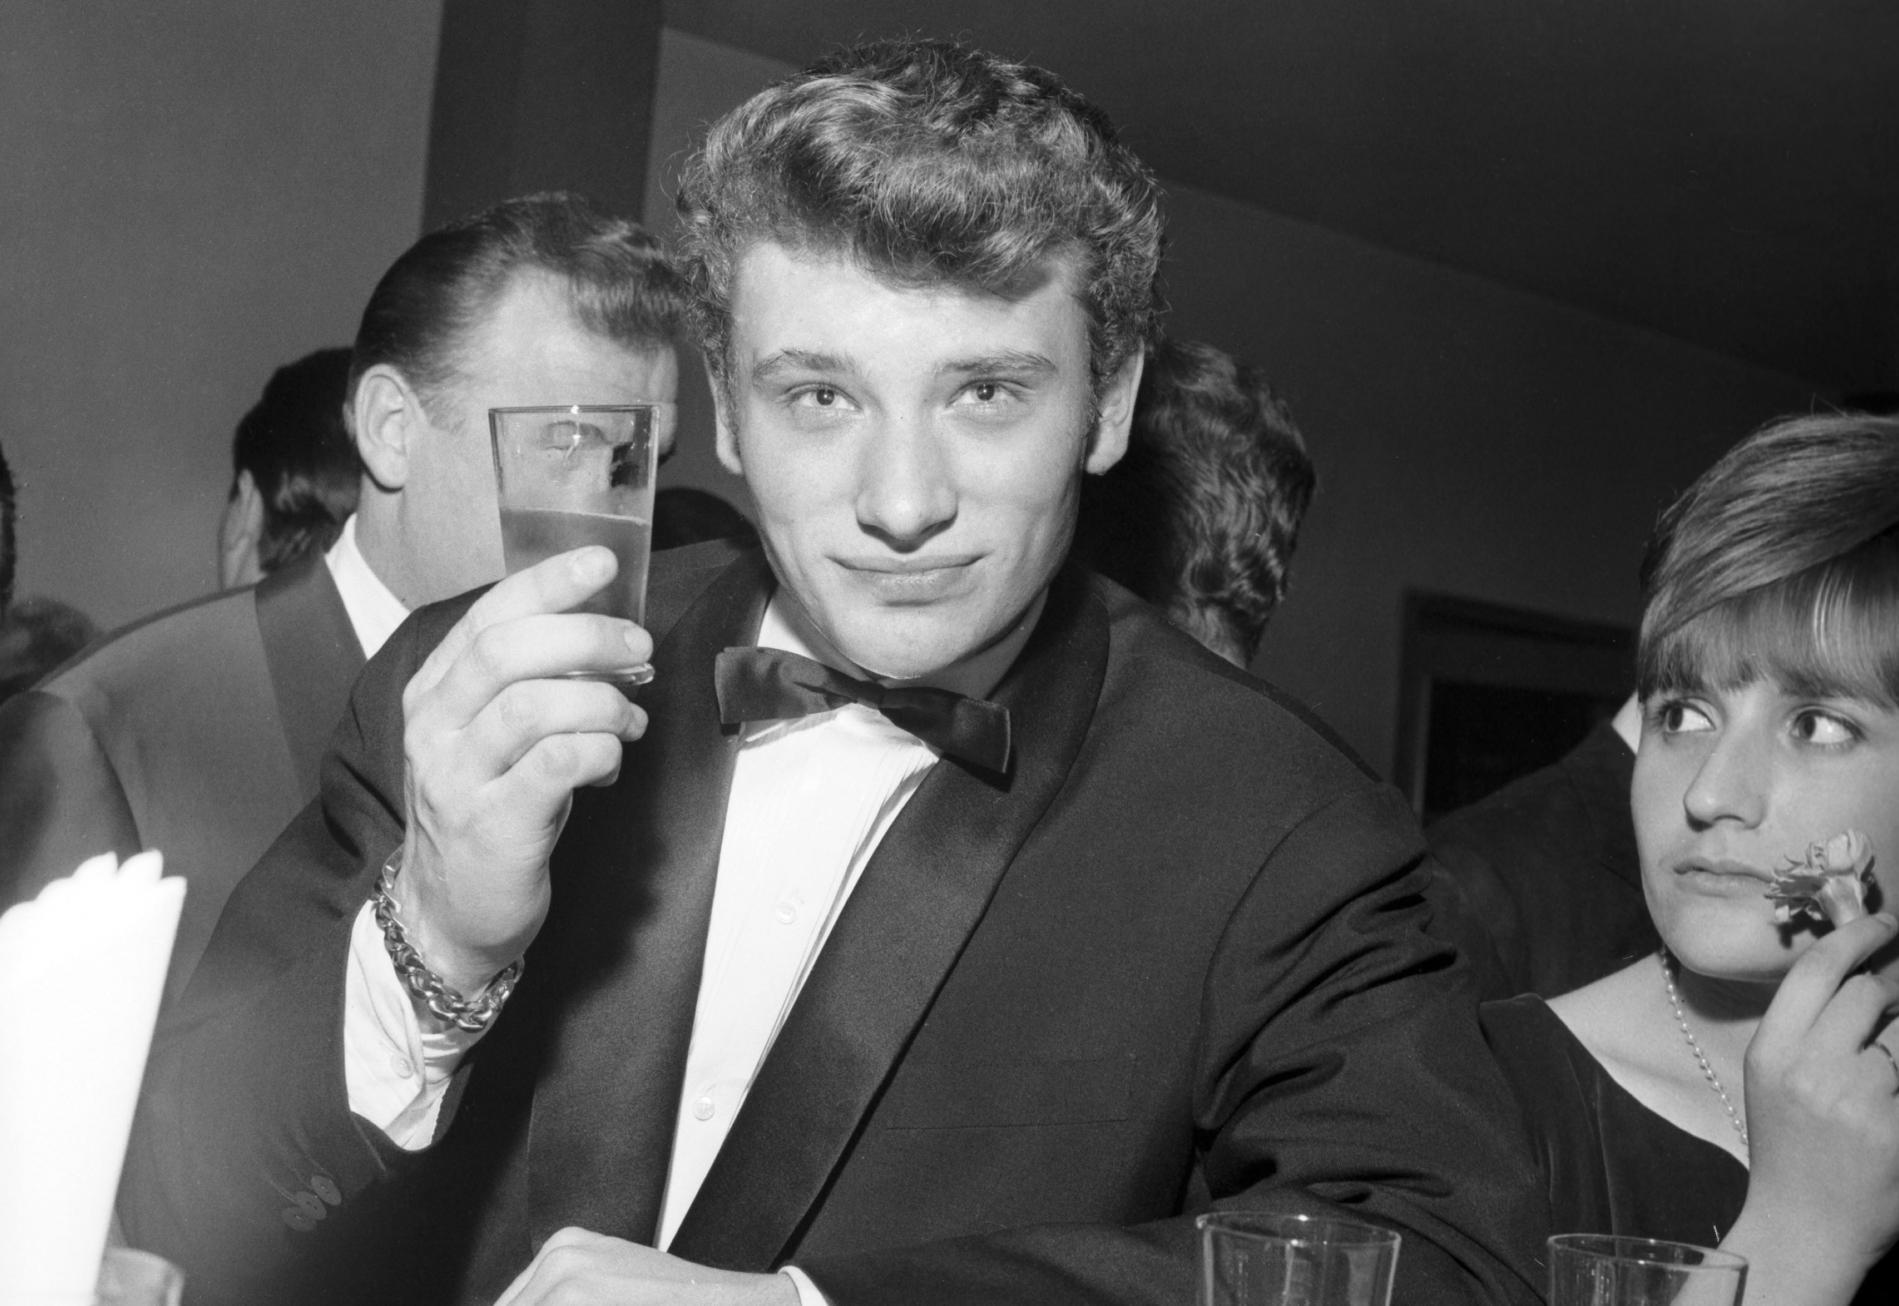 Johnny Hallyday prend un cocktail dans un bar à Cortina d\'Ampezzo en Italie, le 3 janvier 1962.